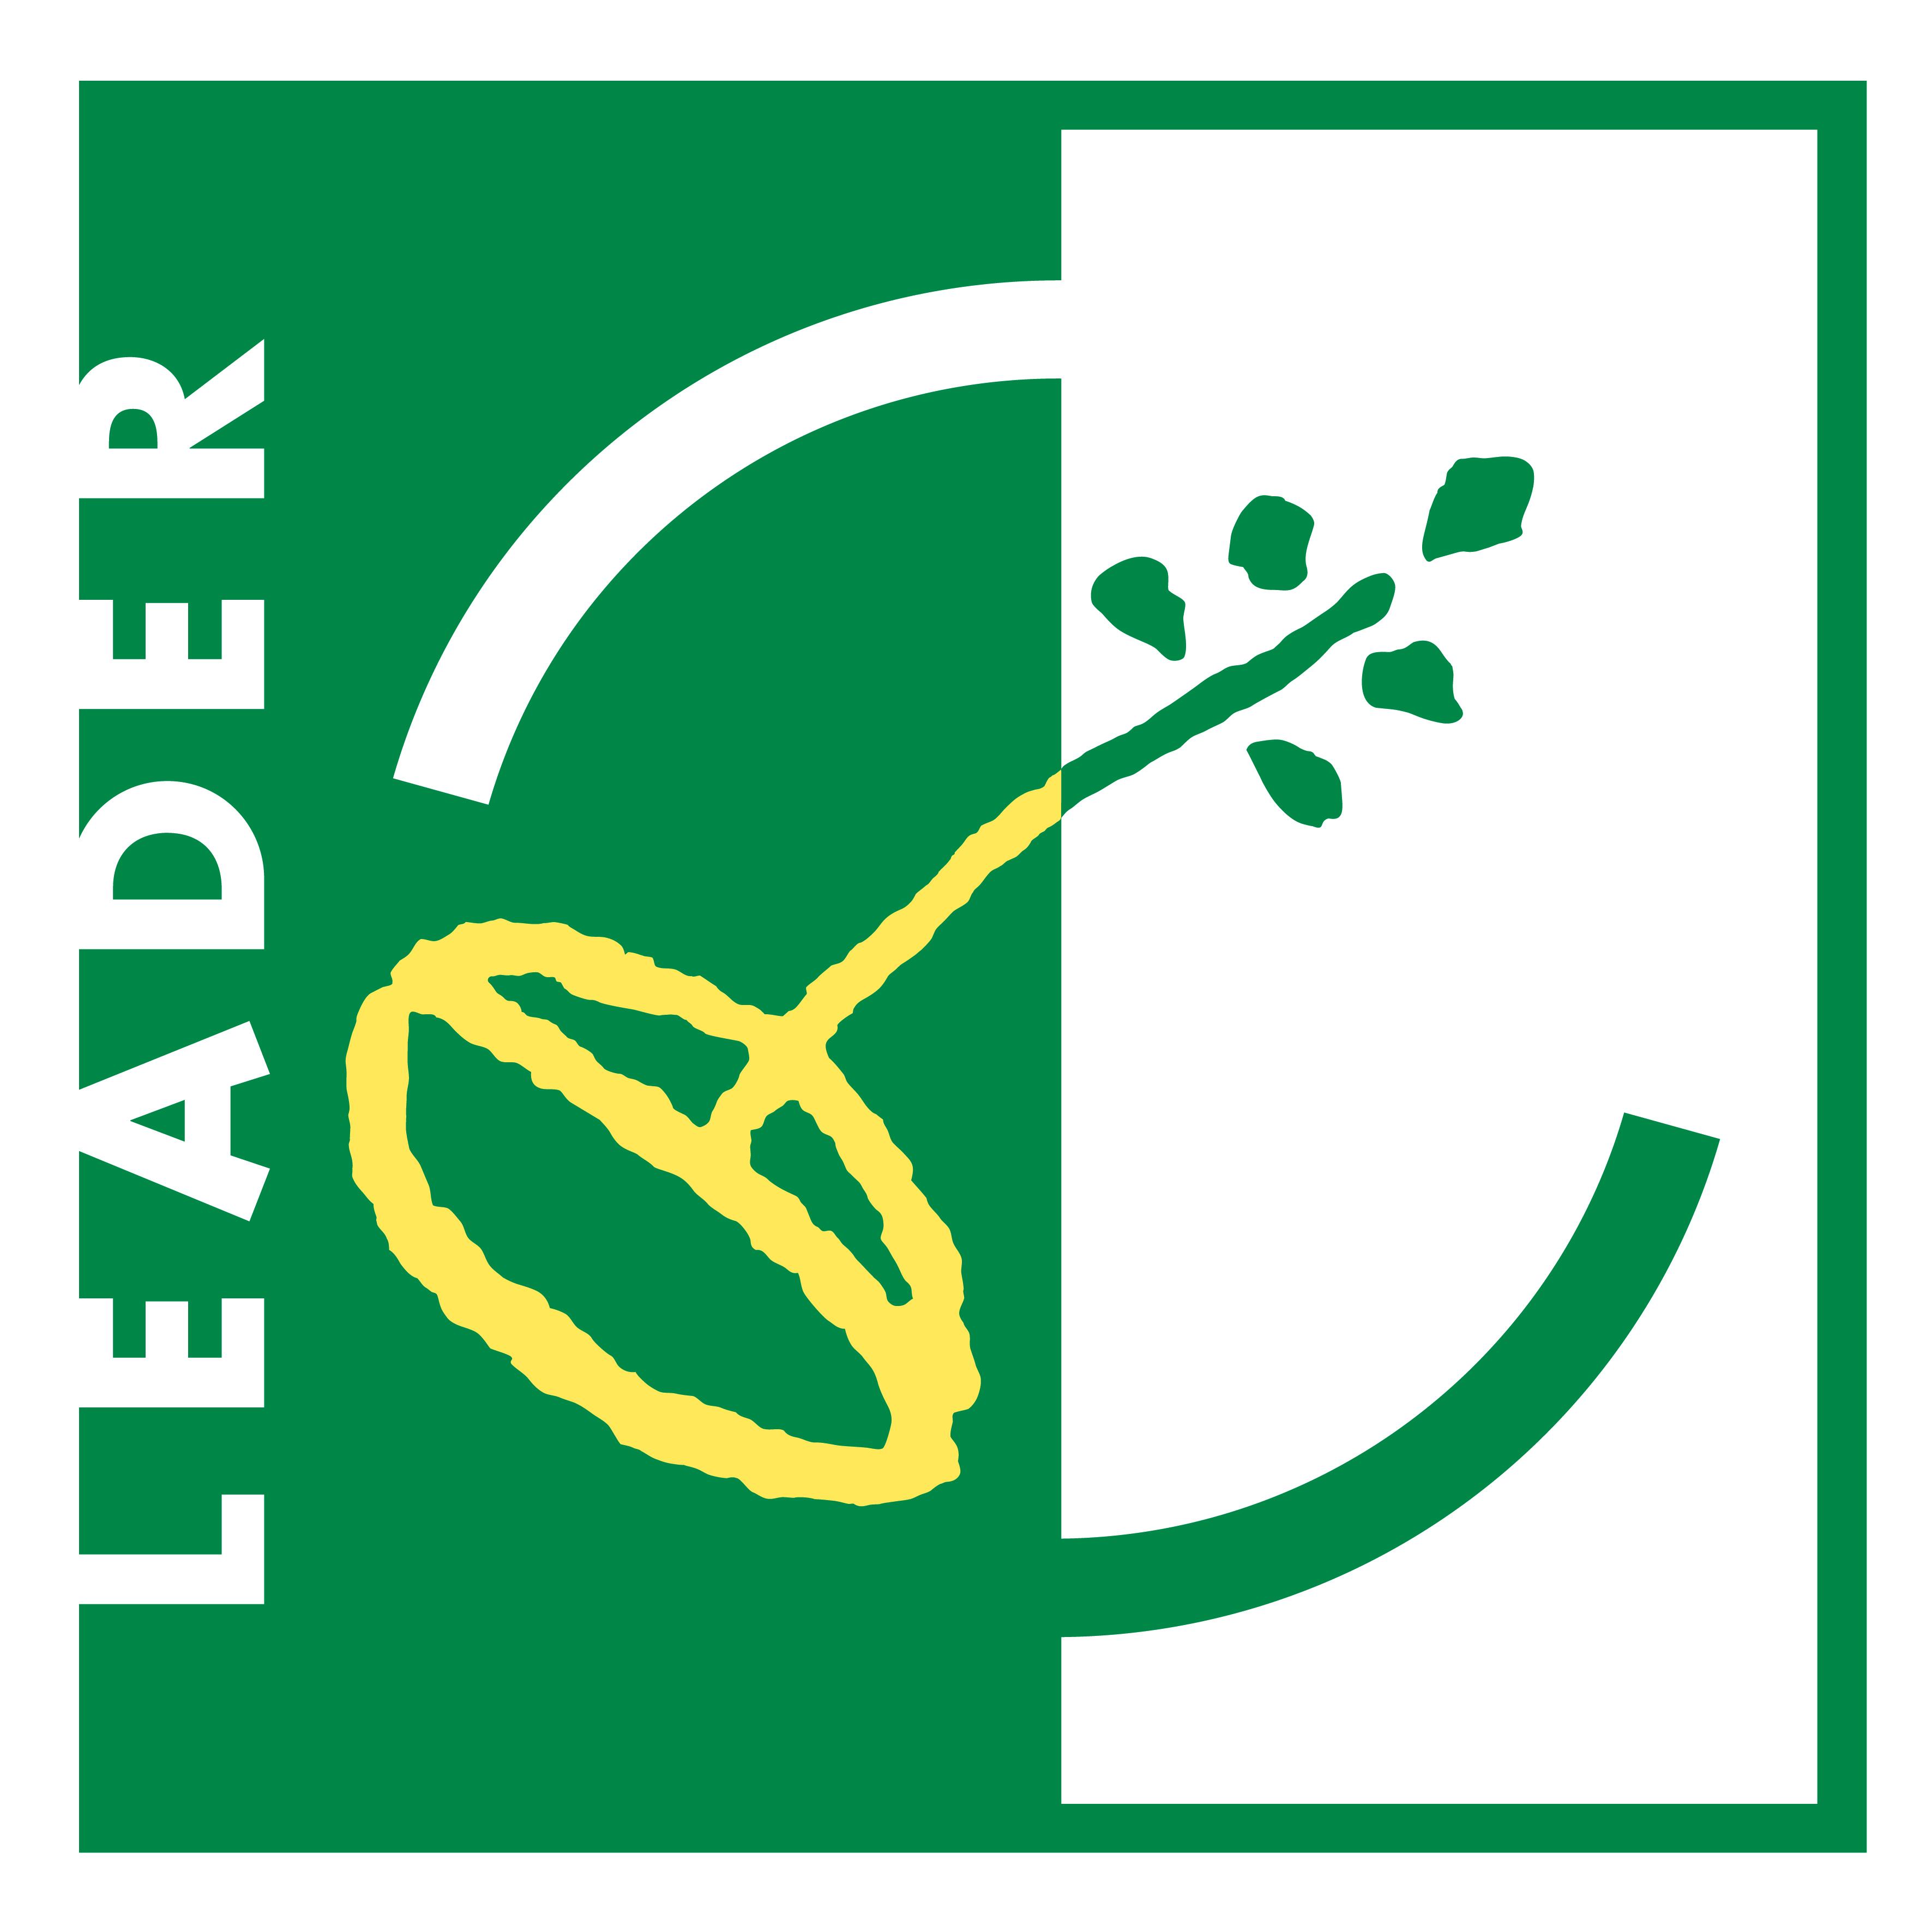 Egyes LEADER felhívások beadási határideje megváltozott